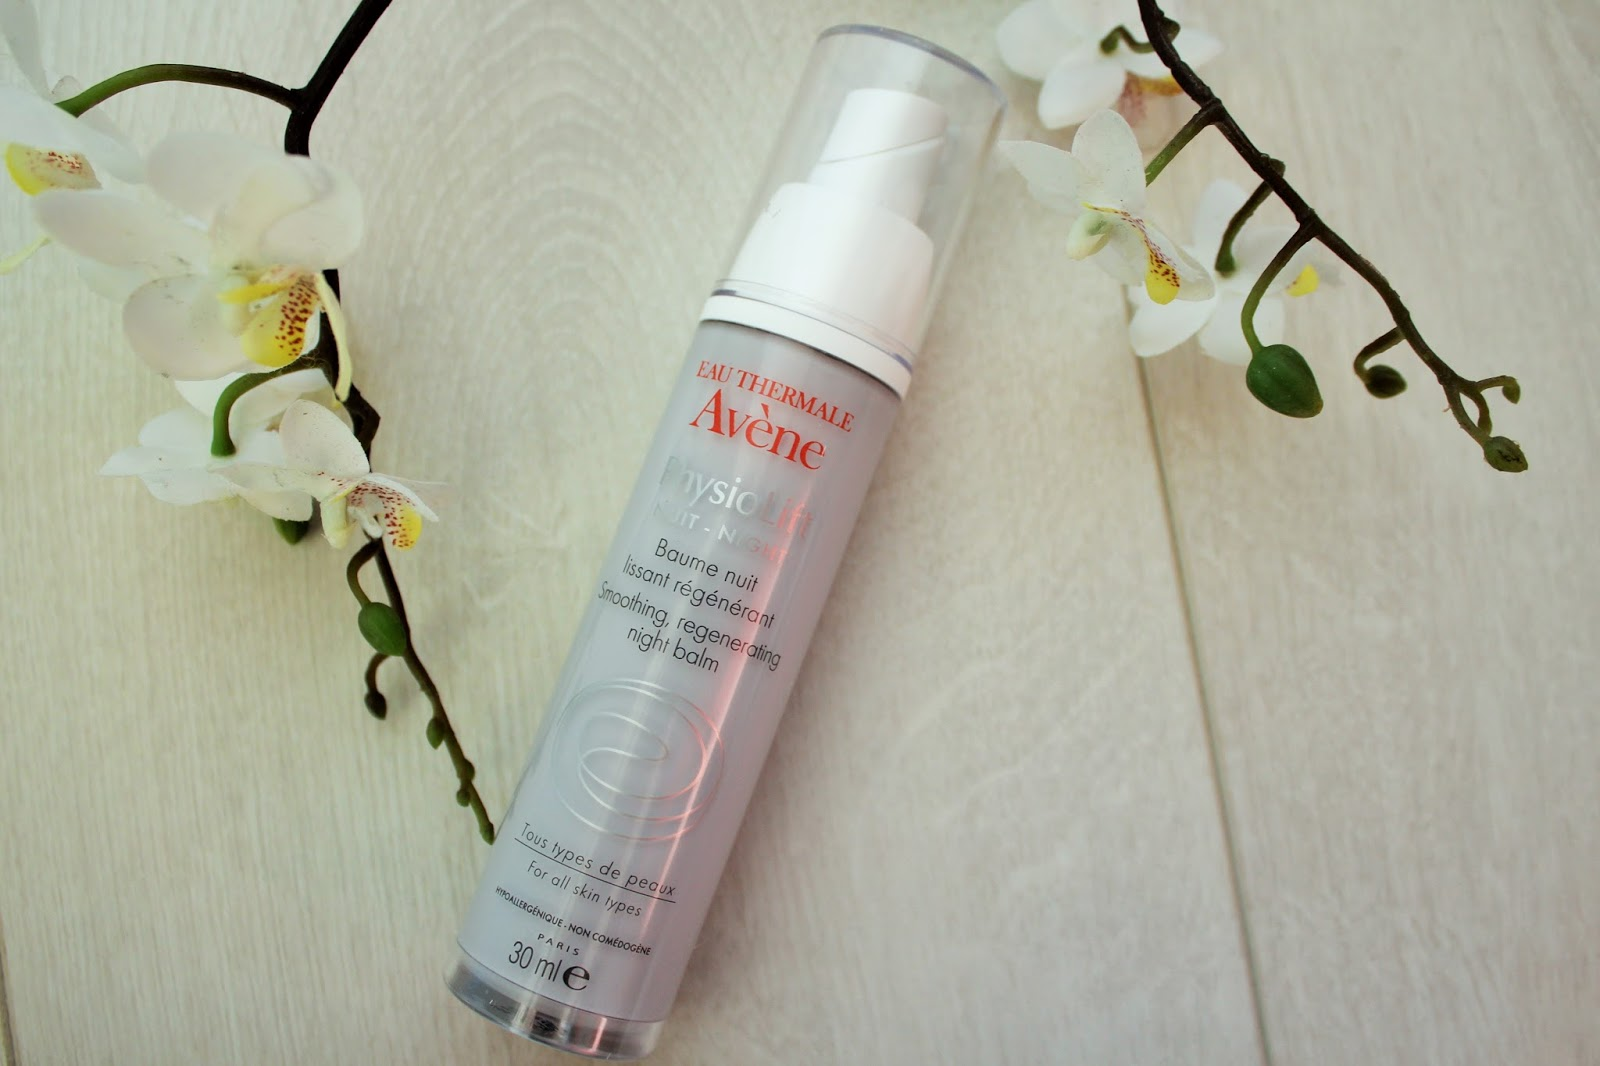 Avene PhysioLift range - Anti-Ageing skincare - night cream